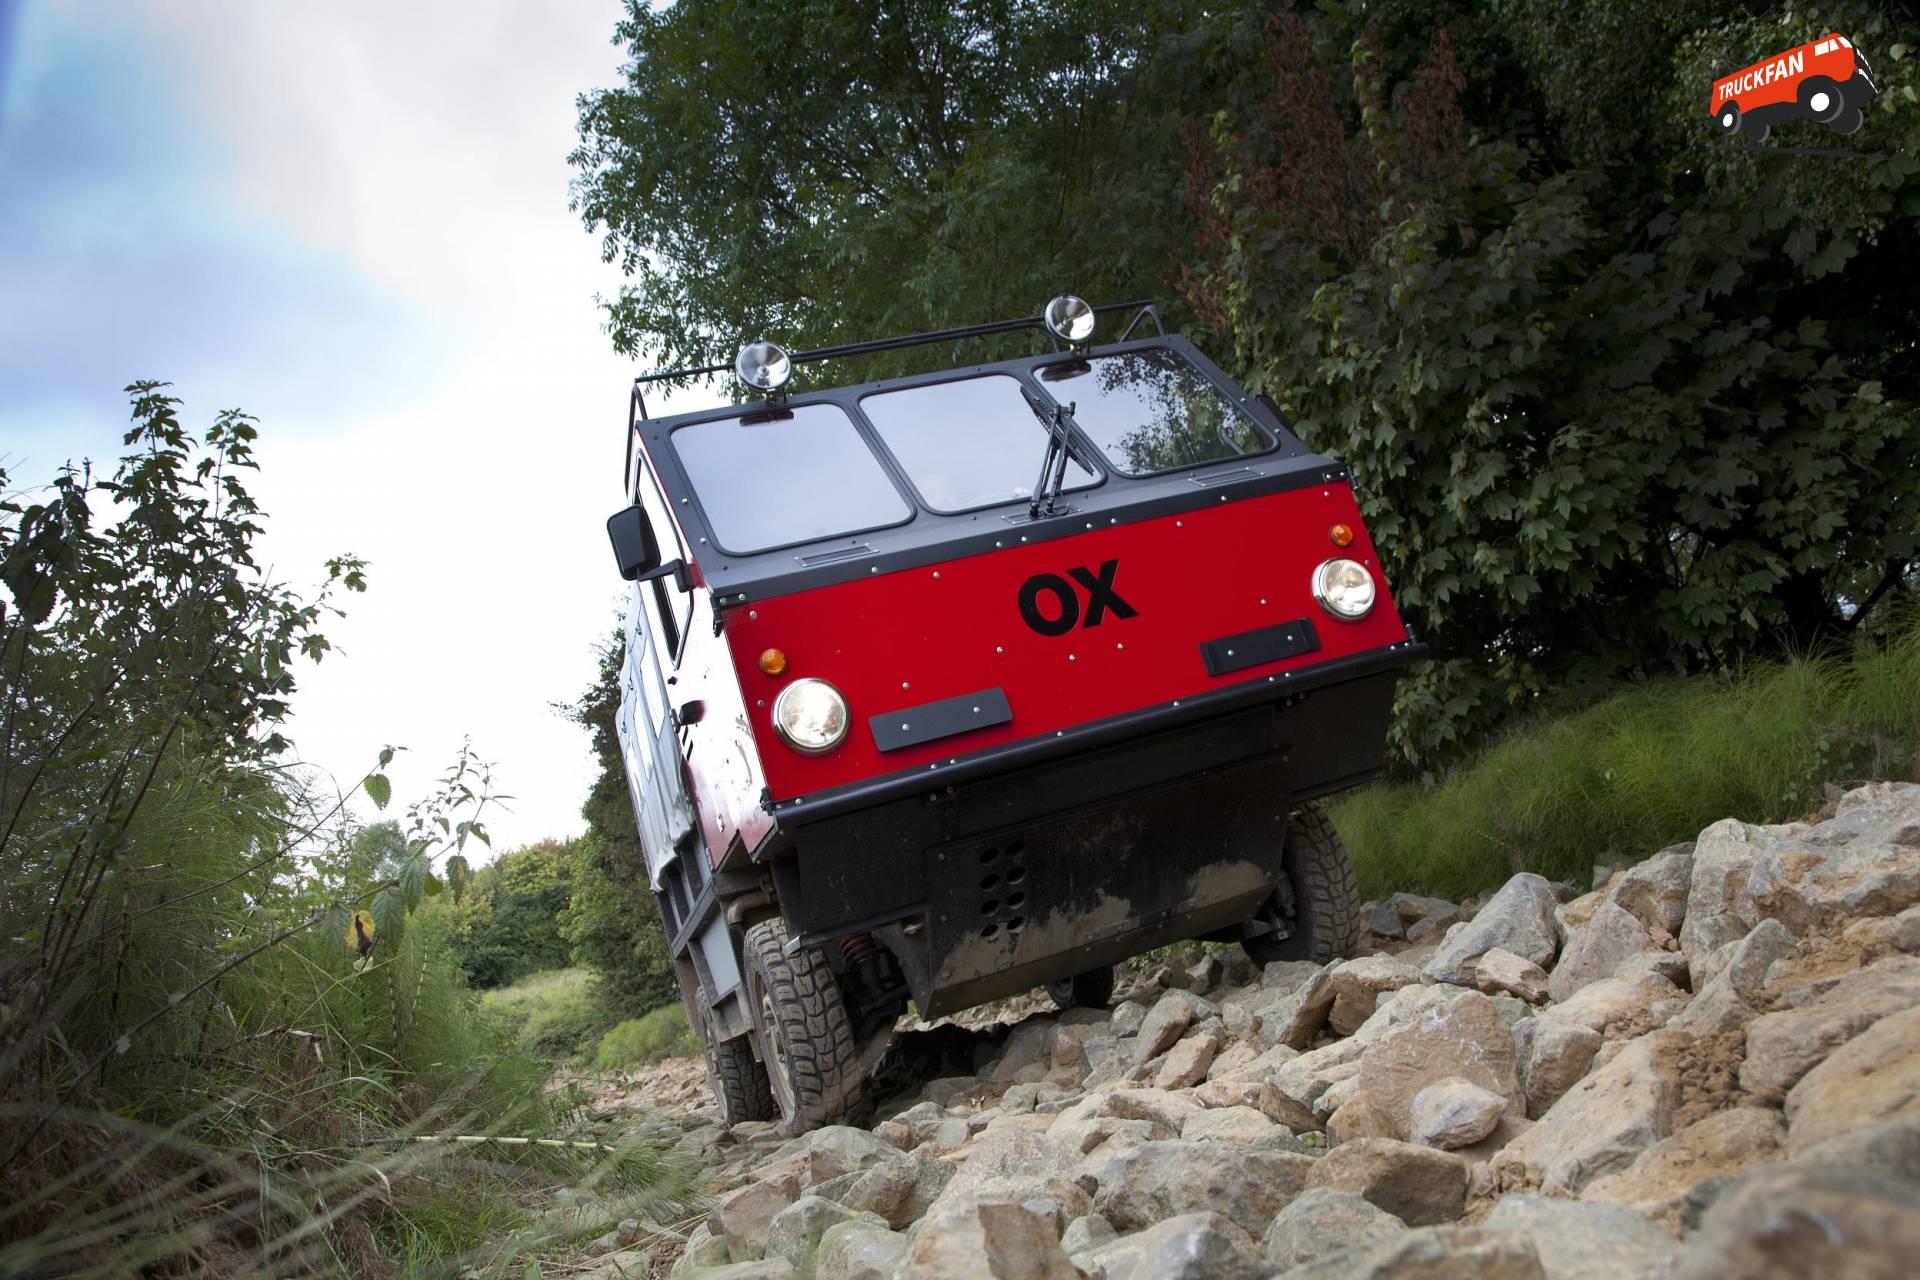 OX XP3